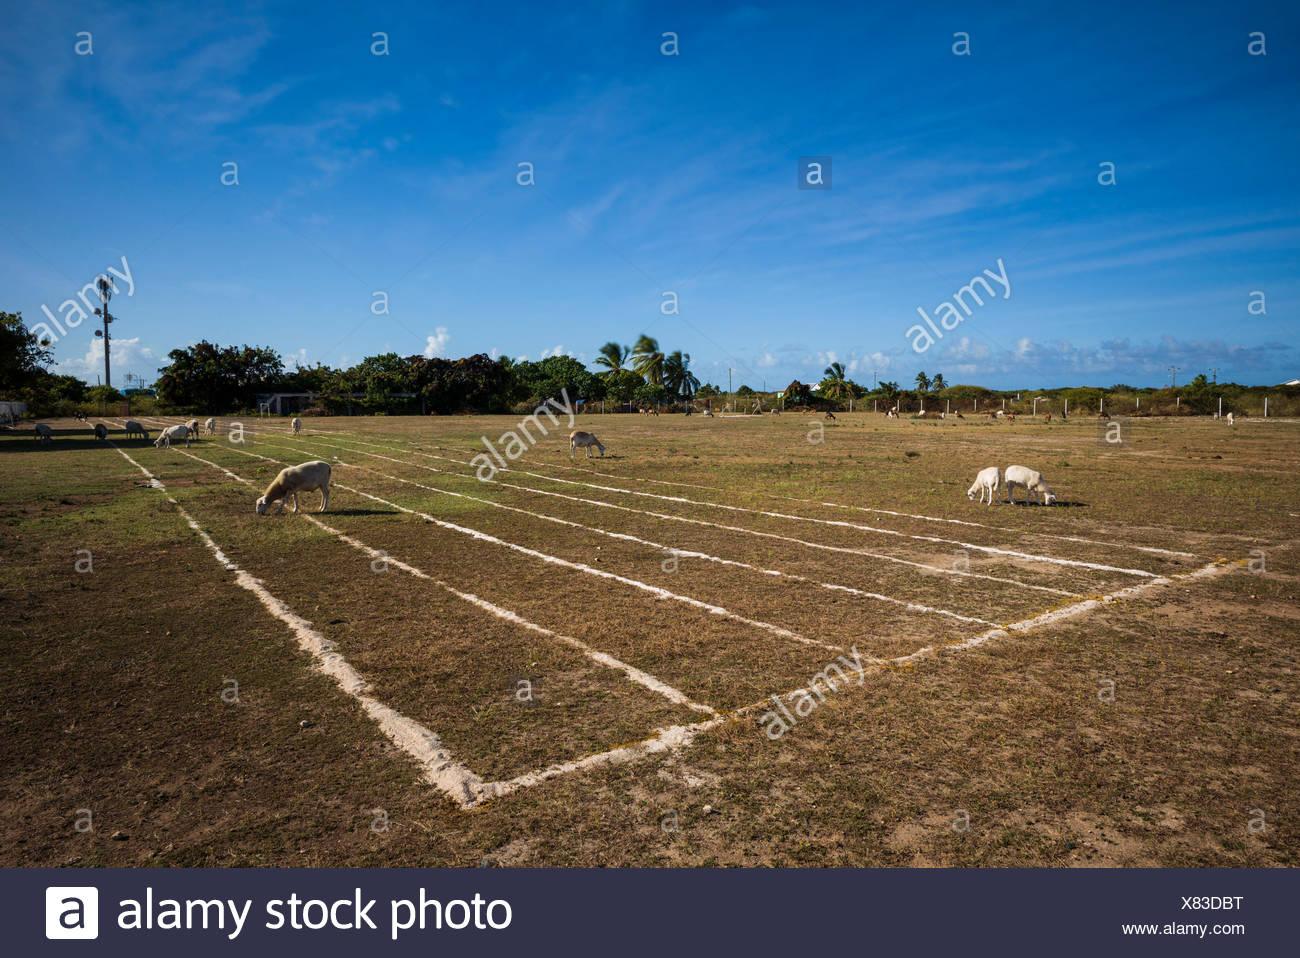 Islas Vírgenes británicas, anegada, el asentamiento, campo de deportes Imagen De Stock